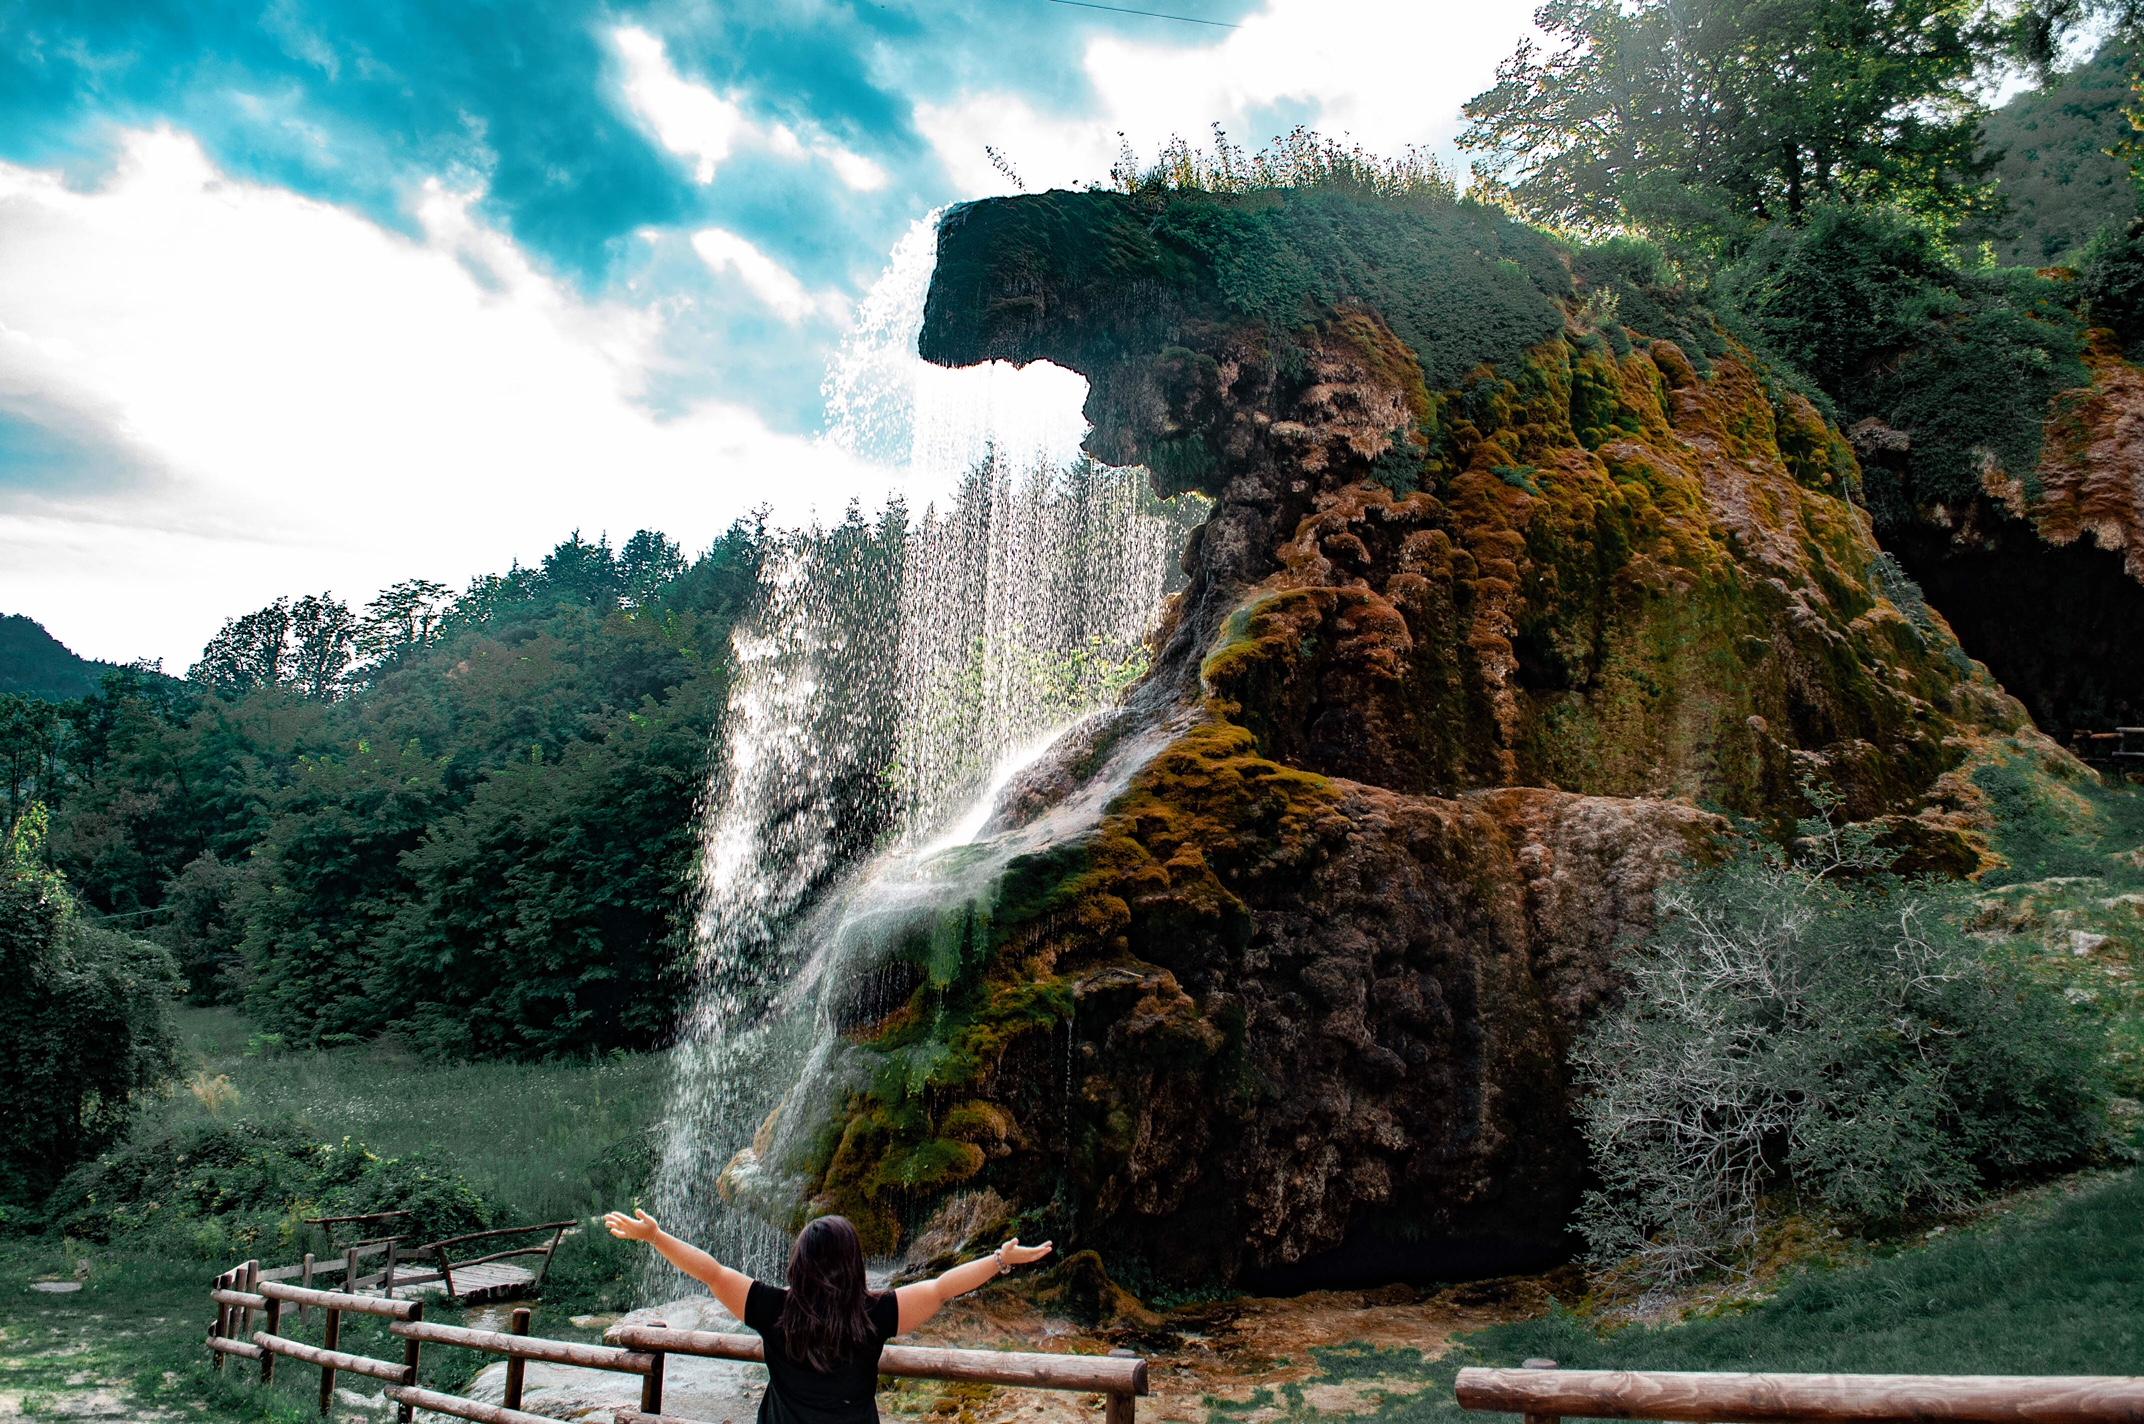 Le Grotte di Labante sono un luogo meraviglioso dell'appenino bolognese